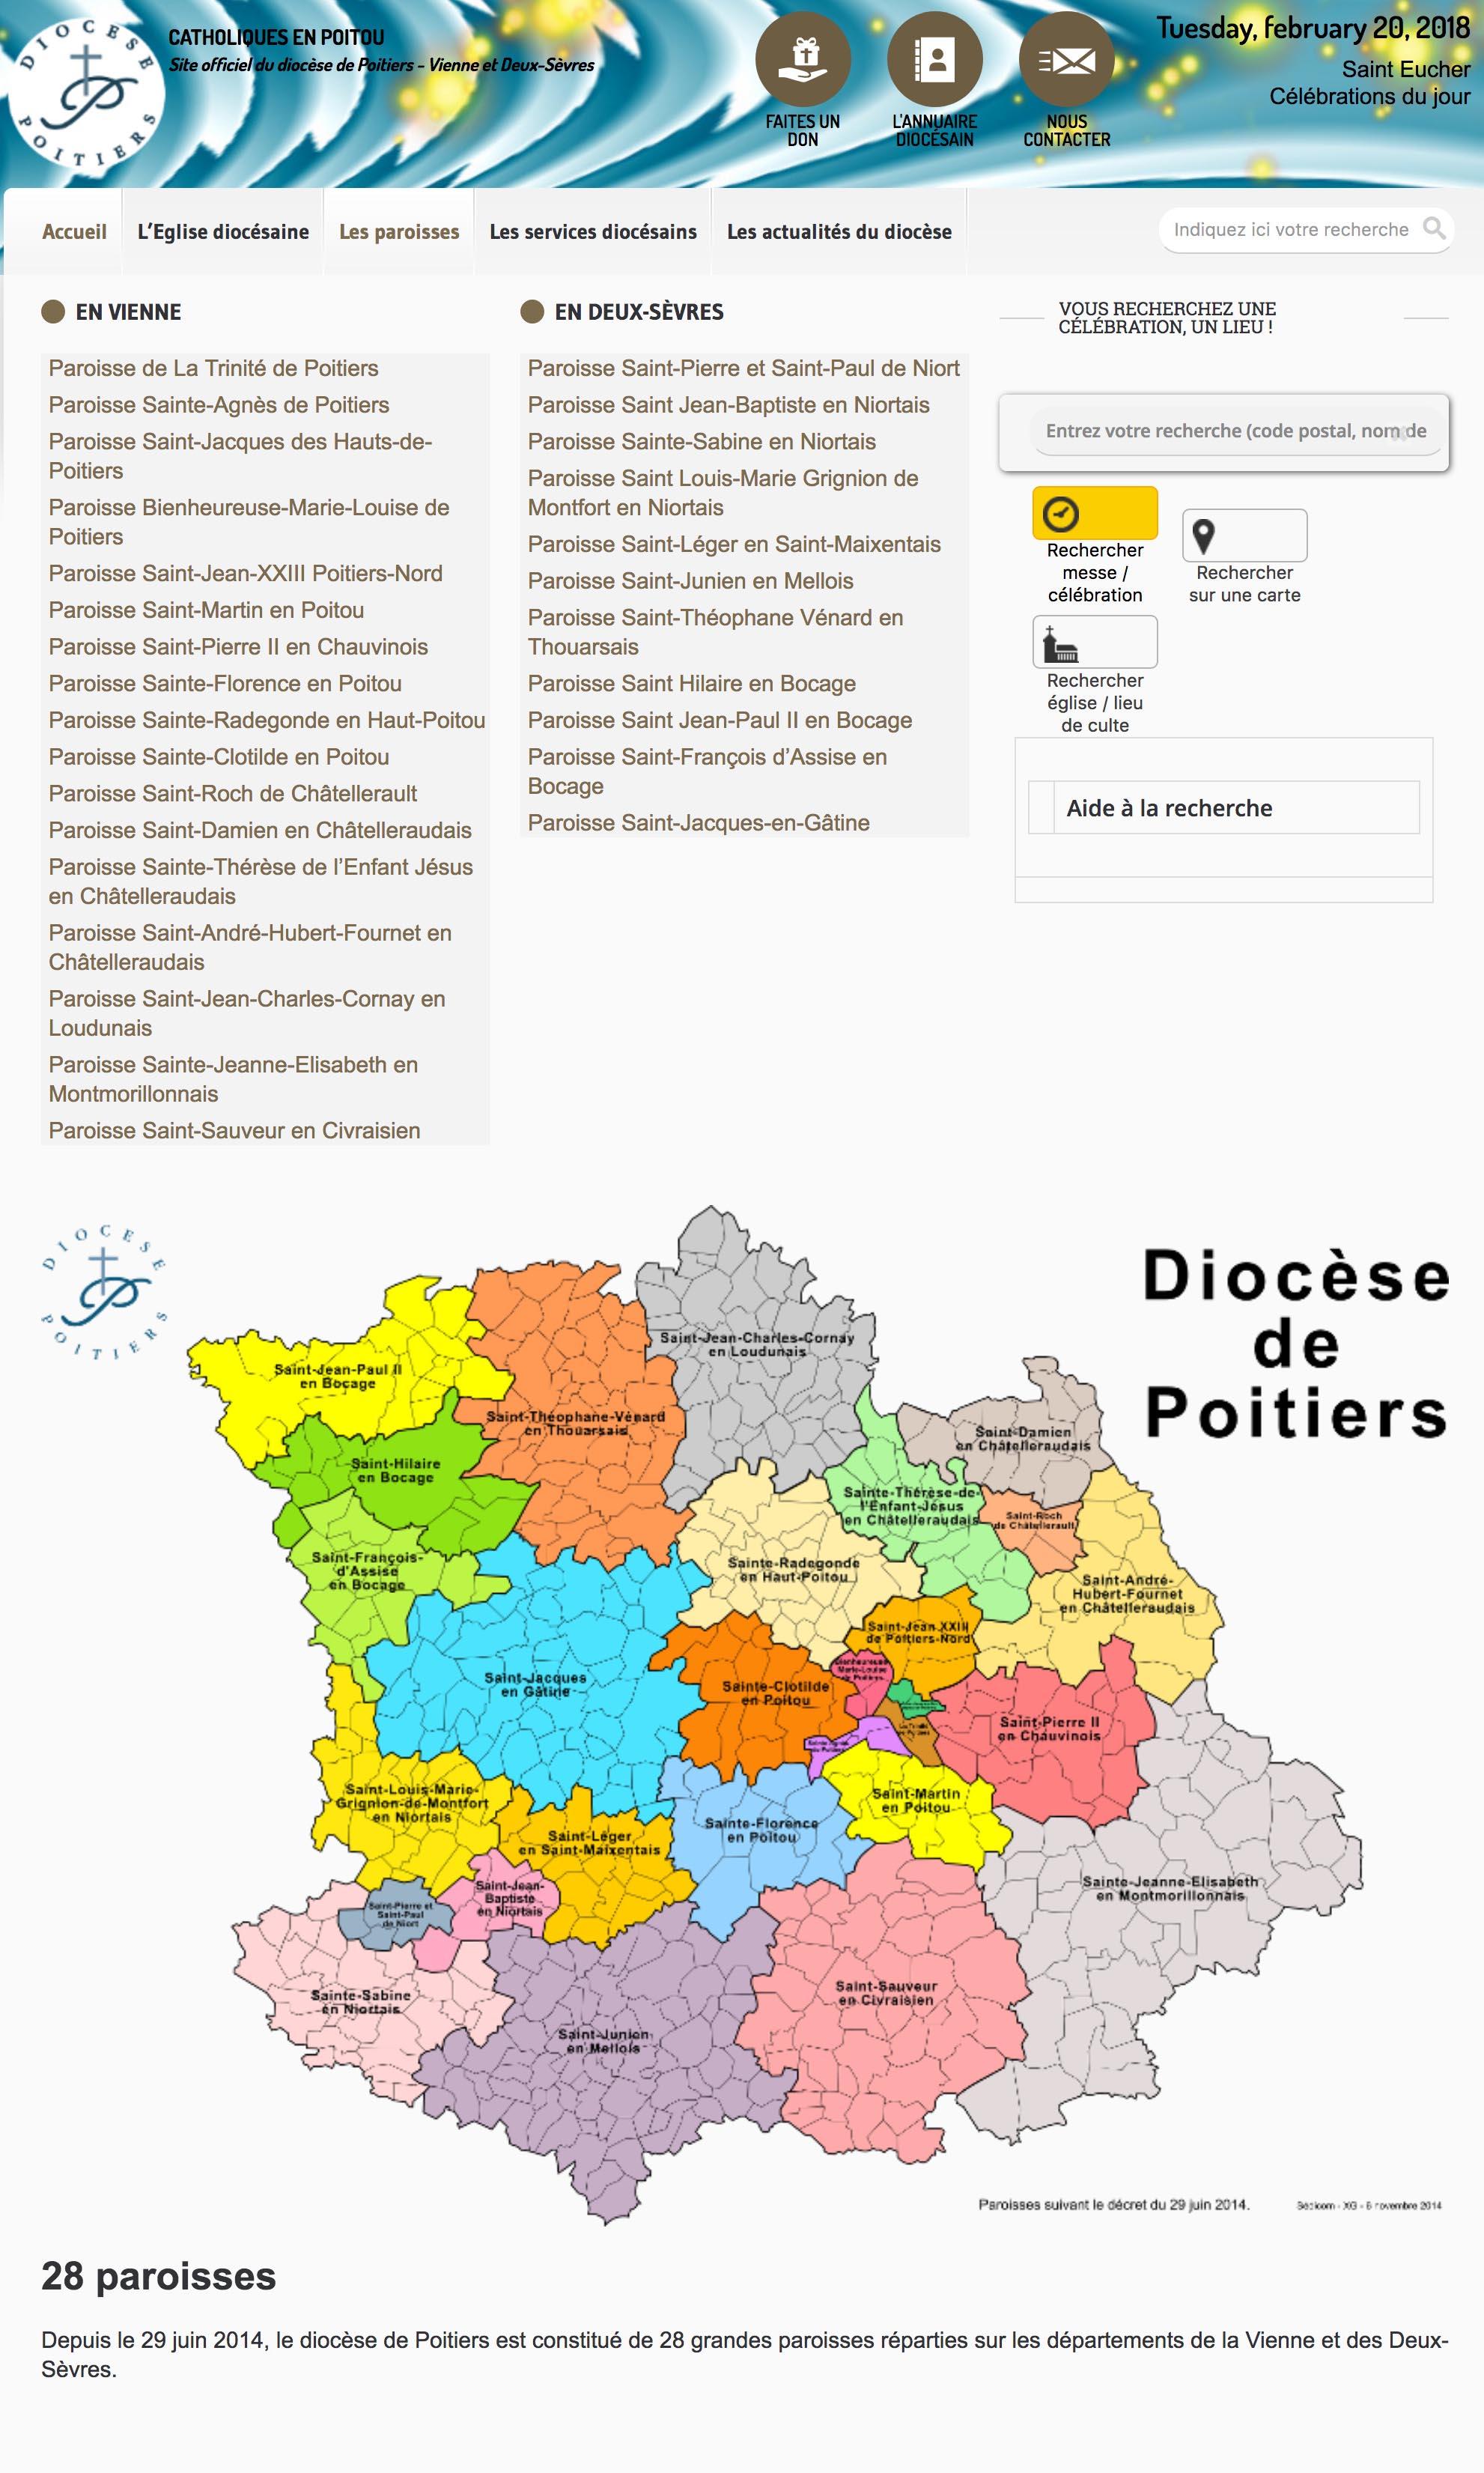 Diocèse de Poitiers